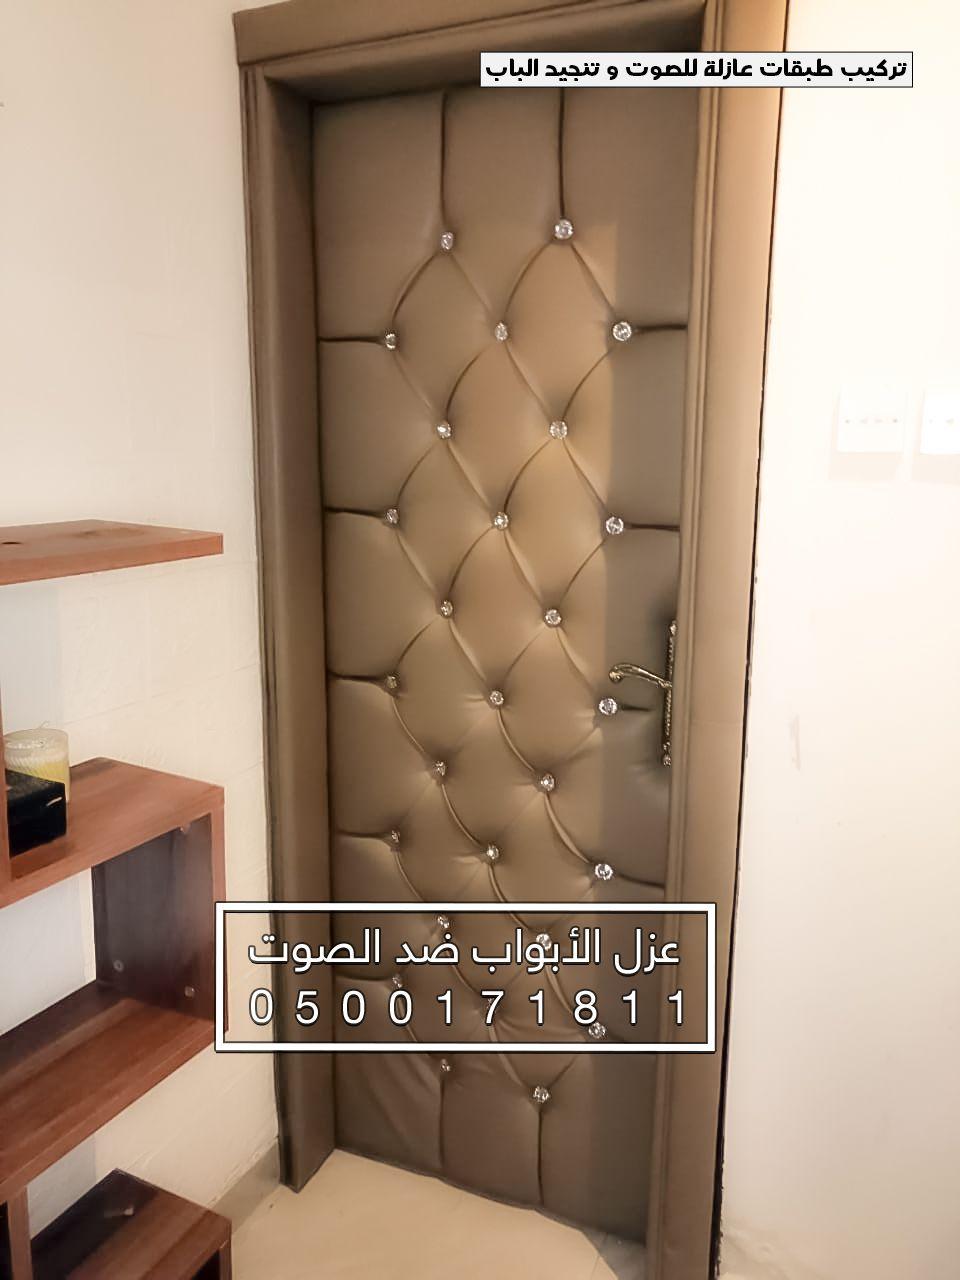 تنجيد و عزل الأبواب بالرياض Home Decor Decals Decor Home